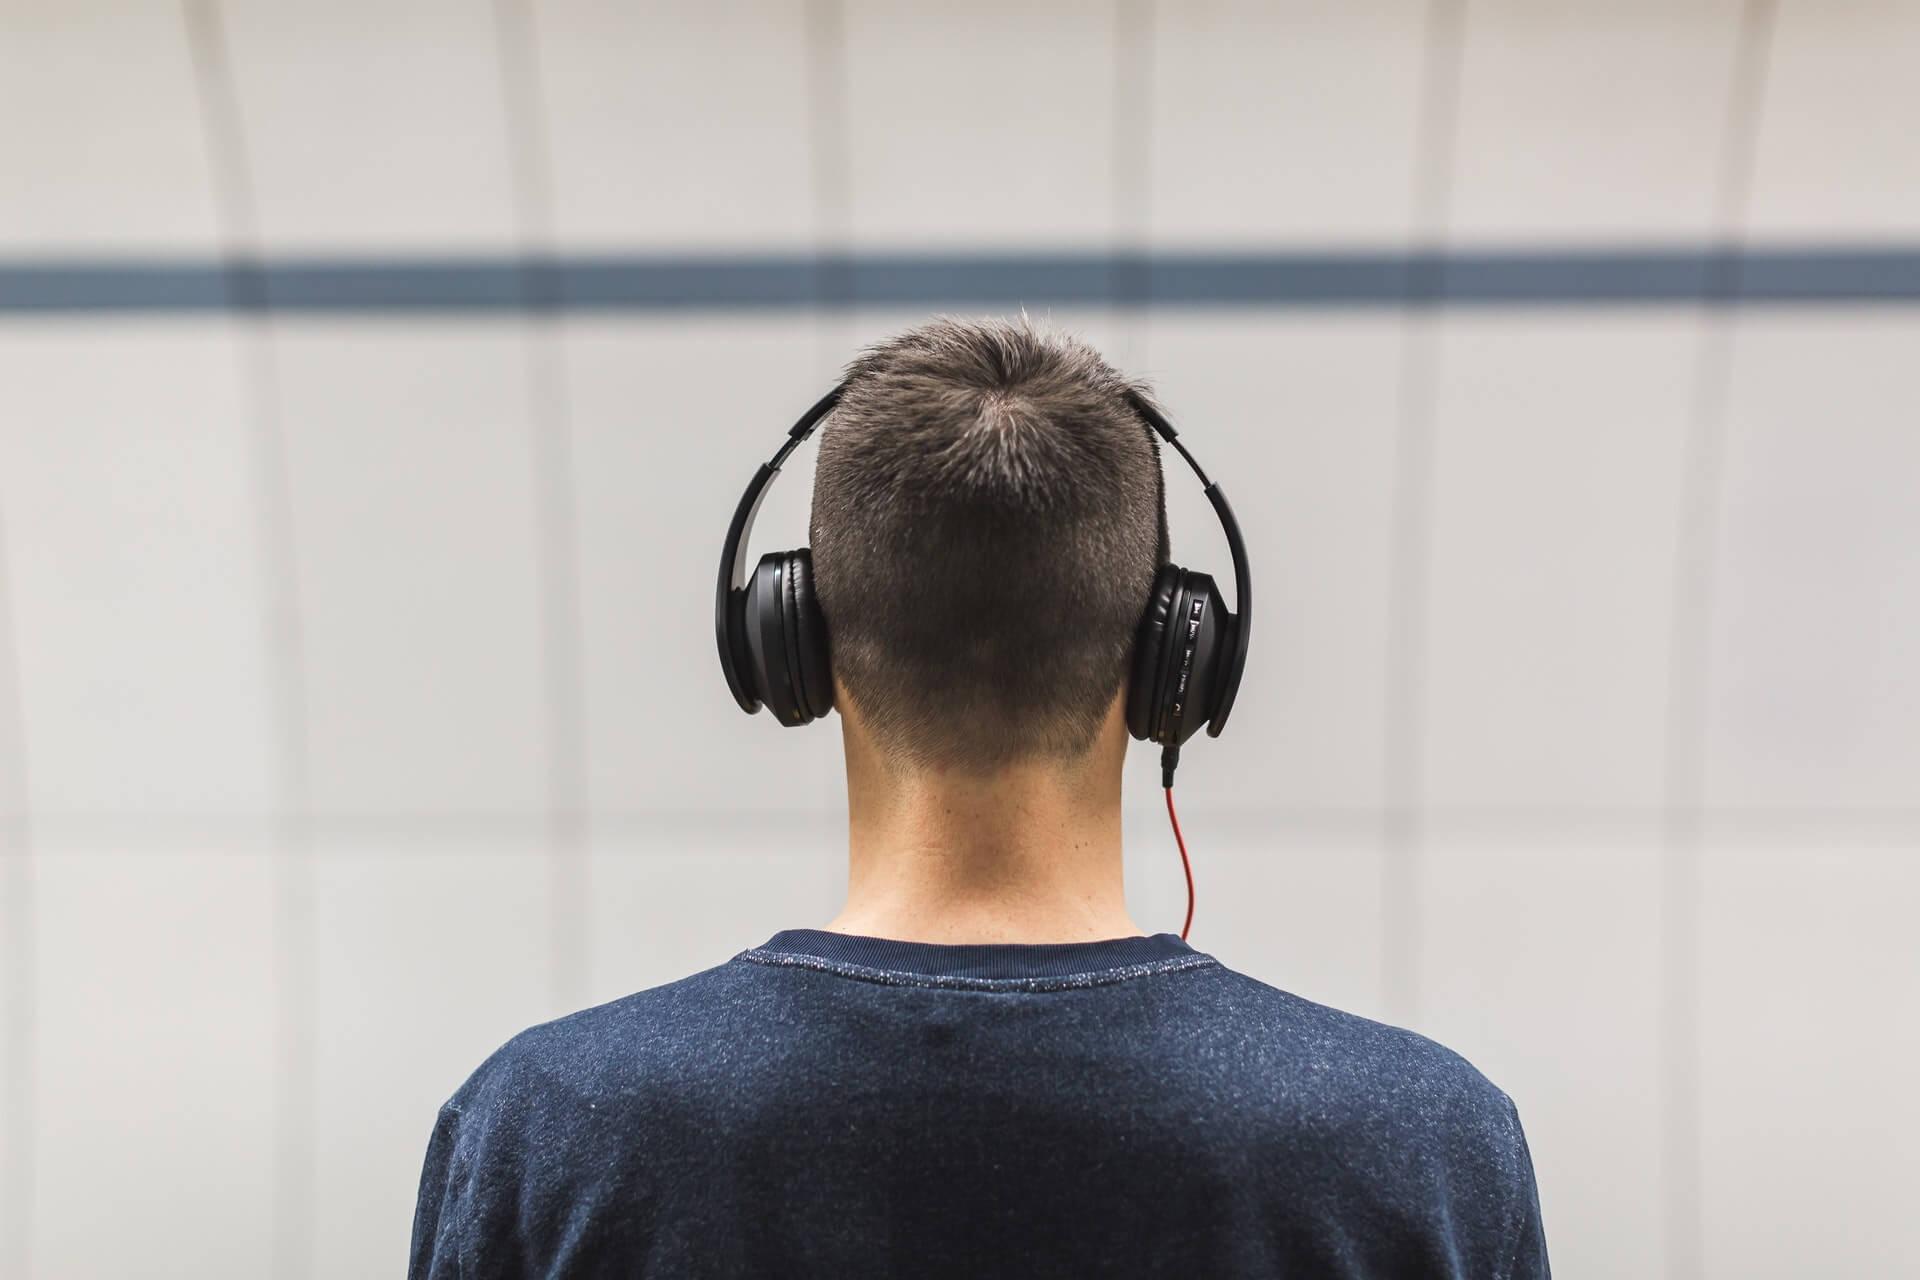 Die besten Podcasts über Erfolg - Unsere Empfehlungen